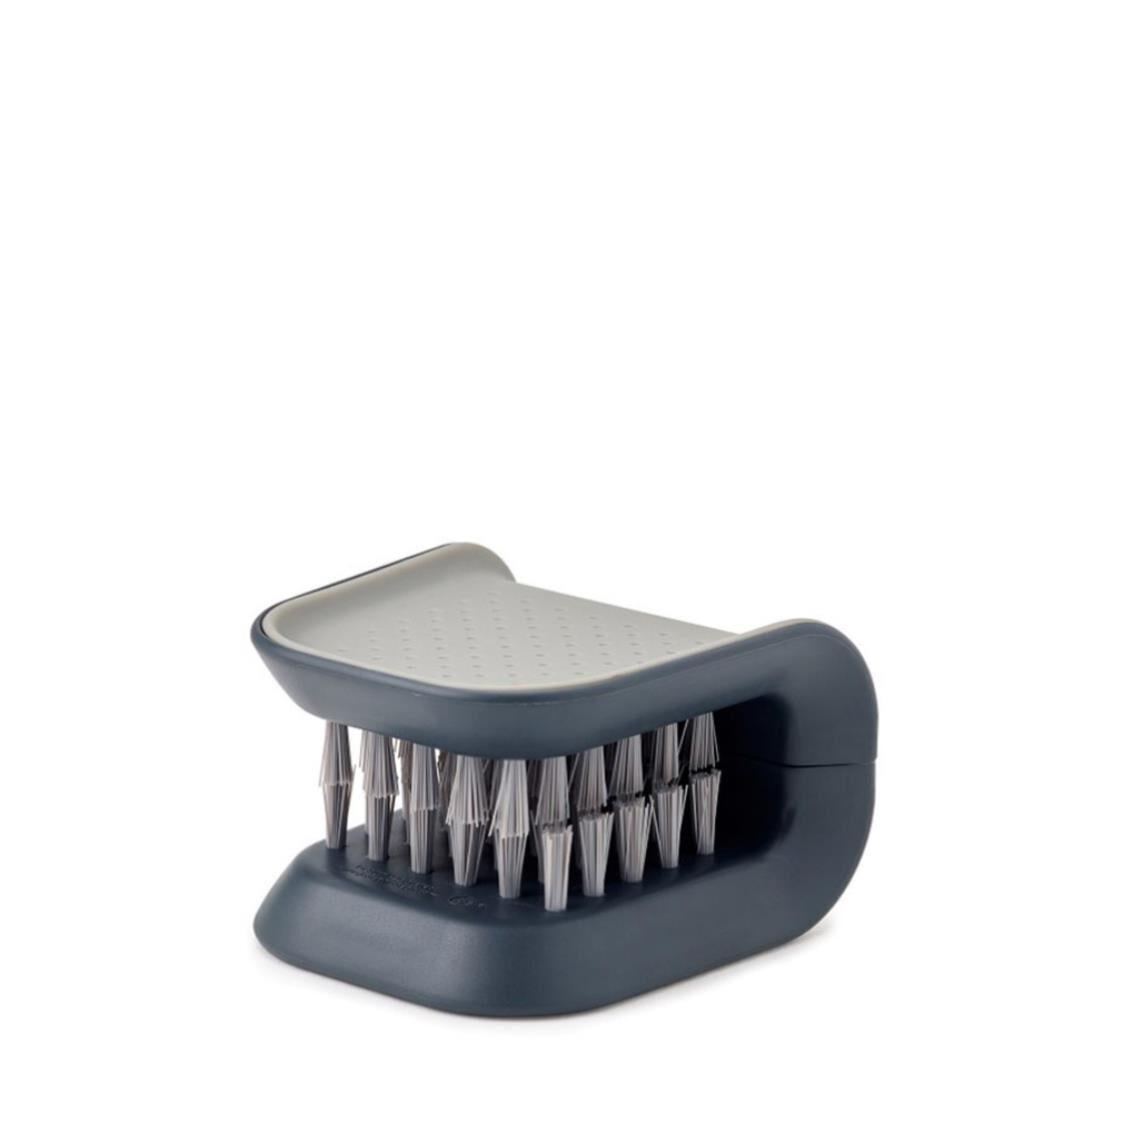 Joseph Joseph Bladebrush Knife Cleaner Grey 8510506